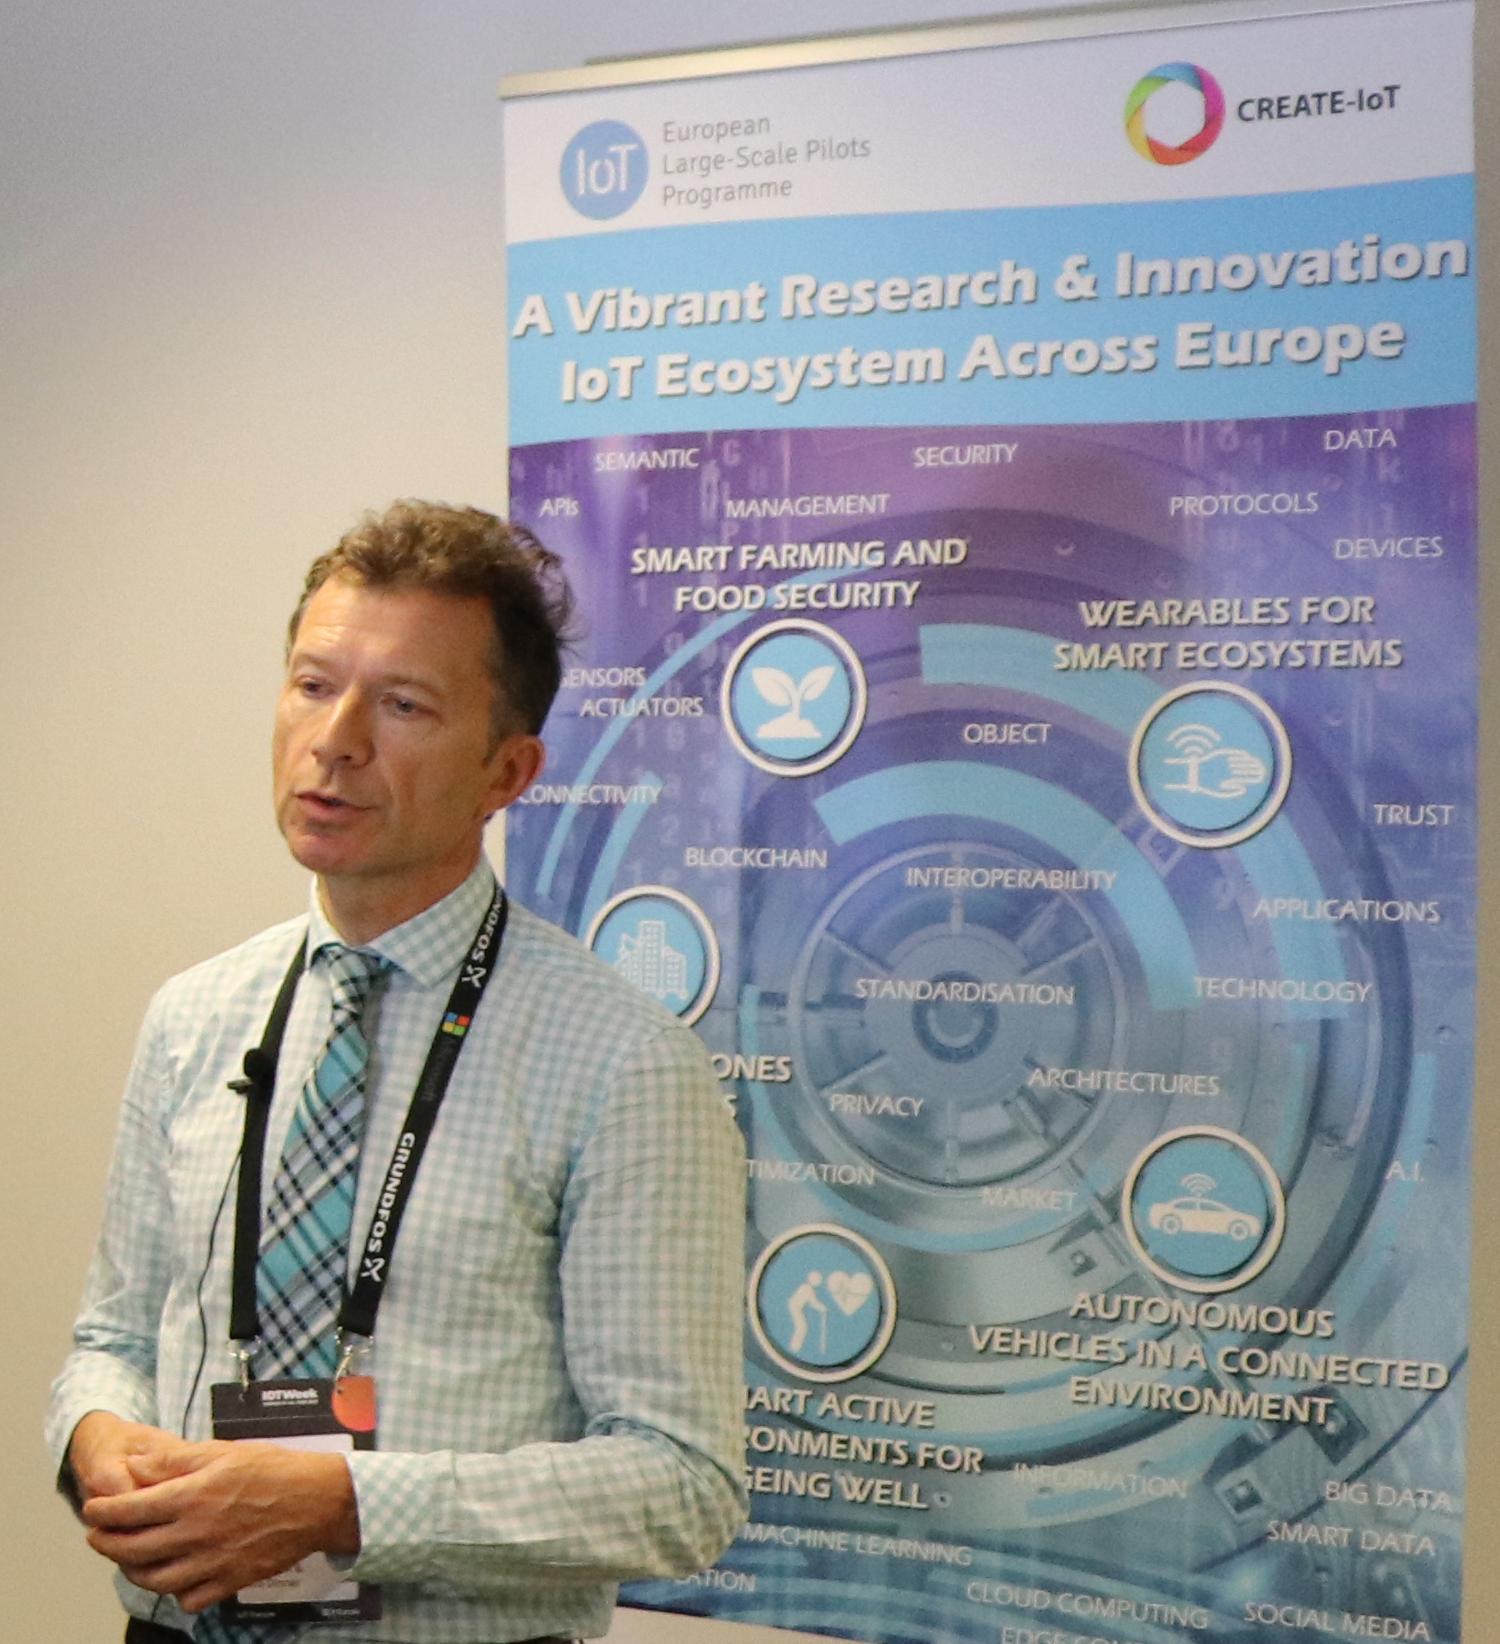 IoT European Large-Scale Pilots - EC Interviews